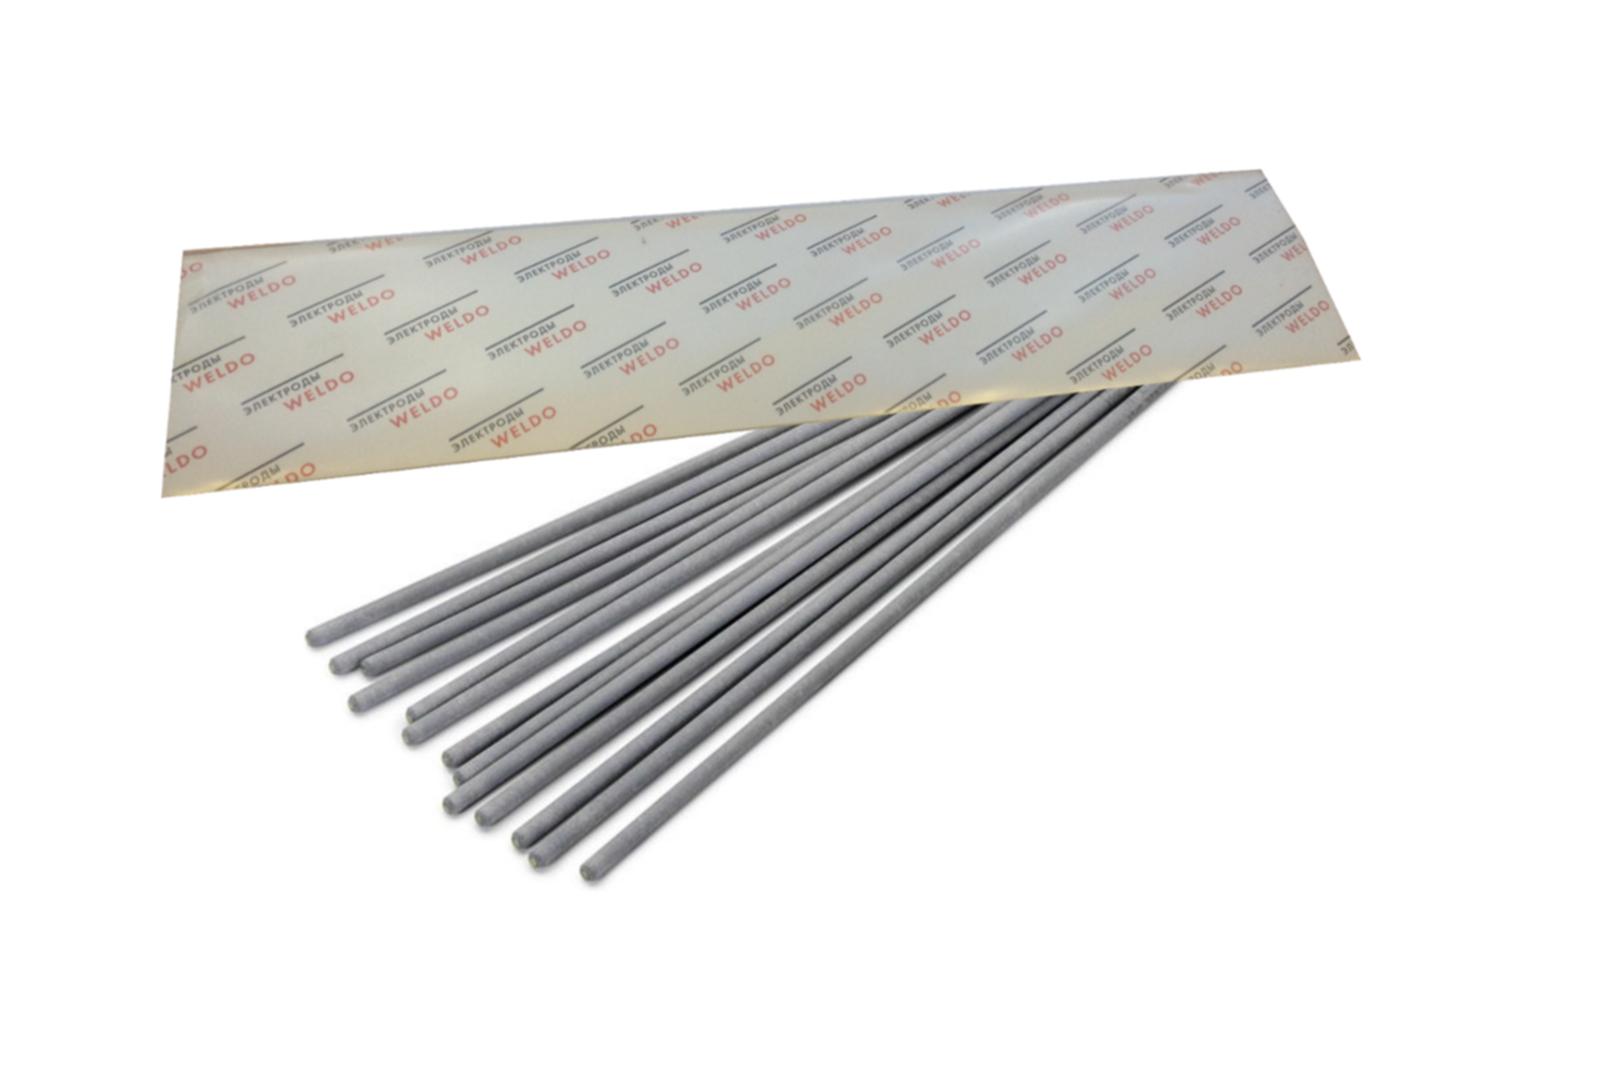 Электроды для сварки Weldo R-143 Ф2.0мм itap 143 2 редуктор давления